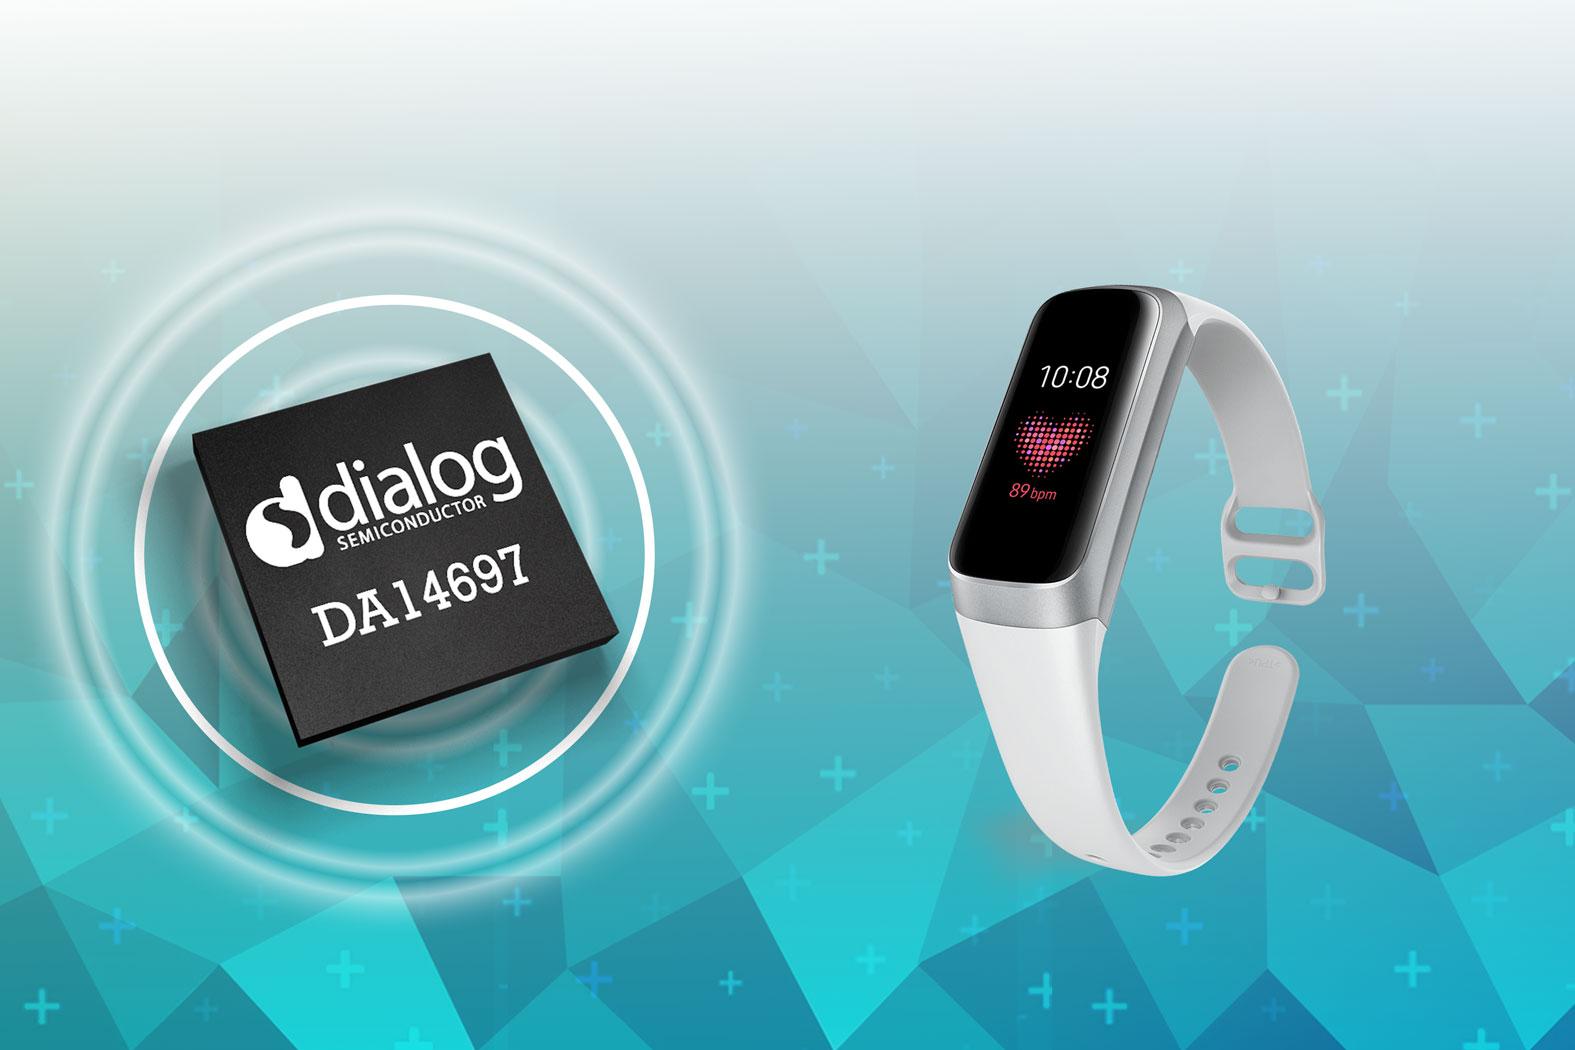 Dialog半导体公司为三星Galaxy Fit提供蓝牙低功耗连接方案